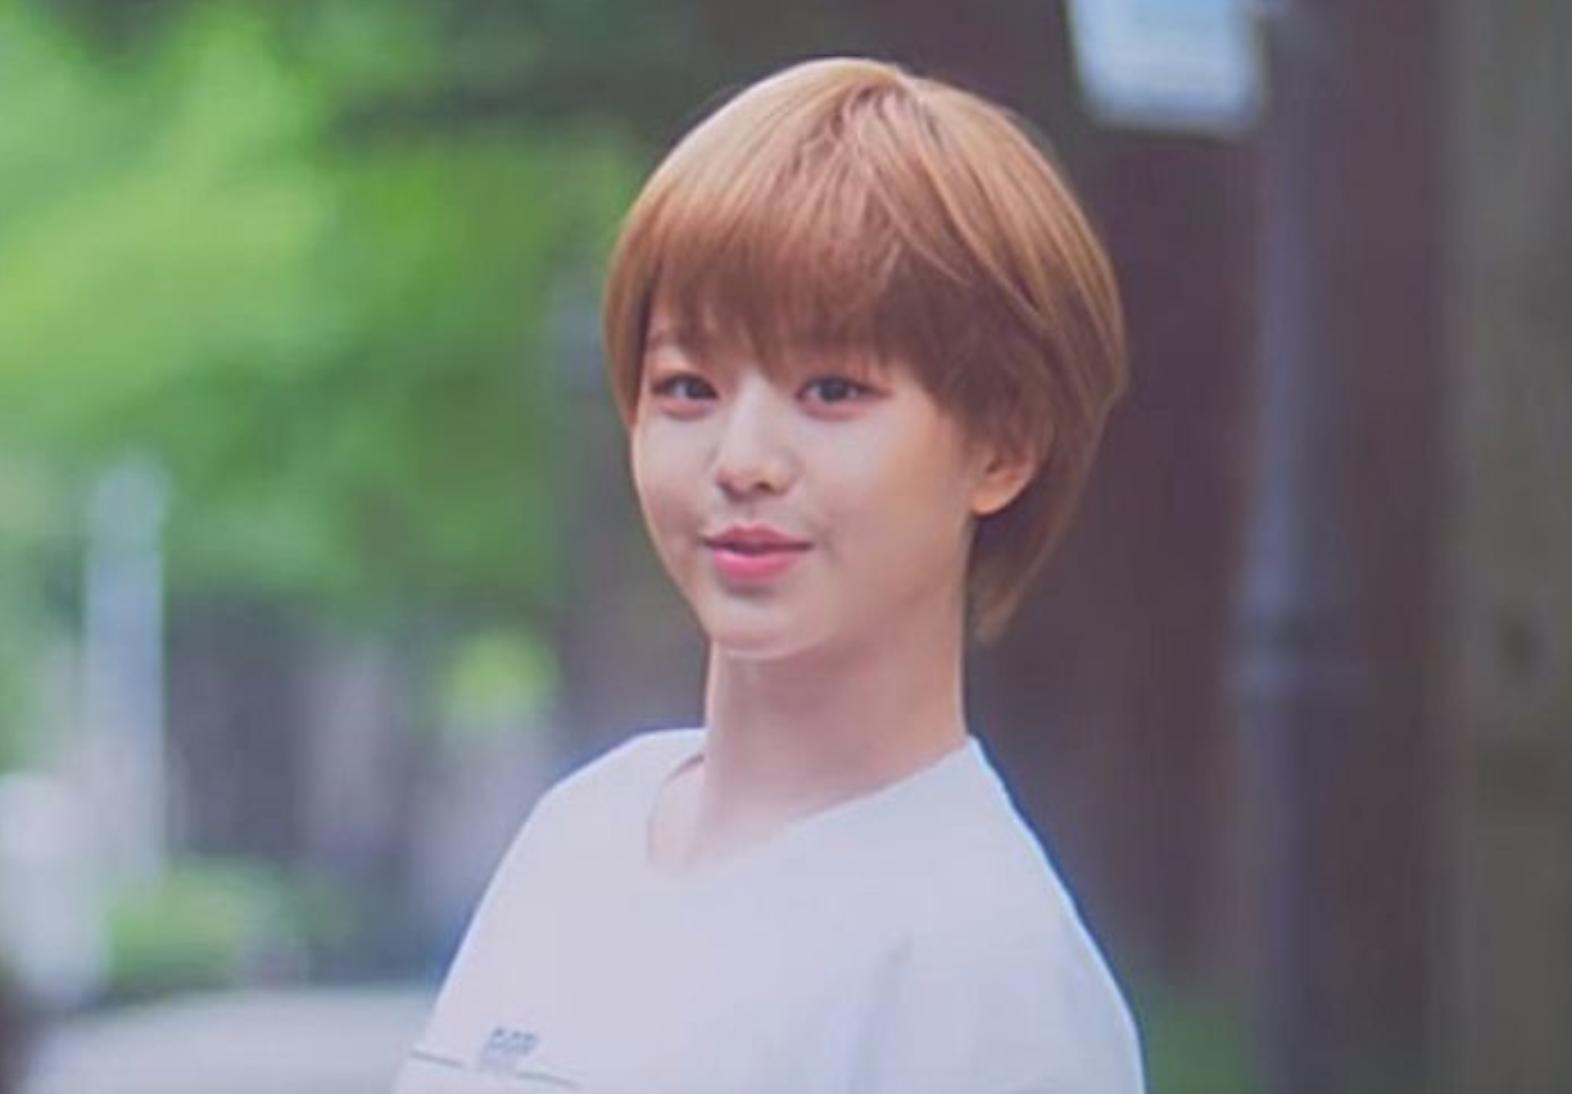 wonyoungboy2